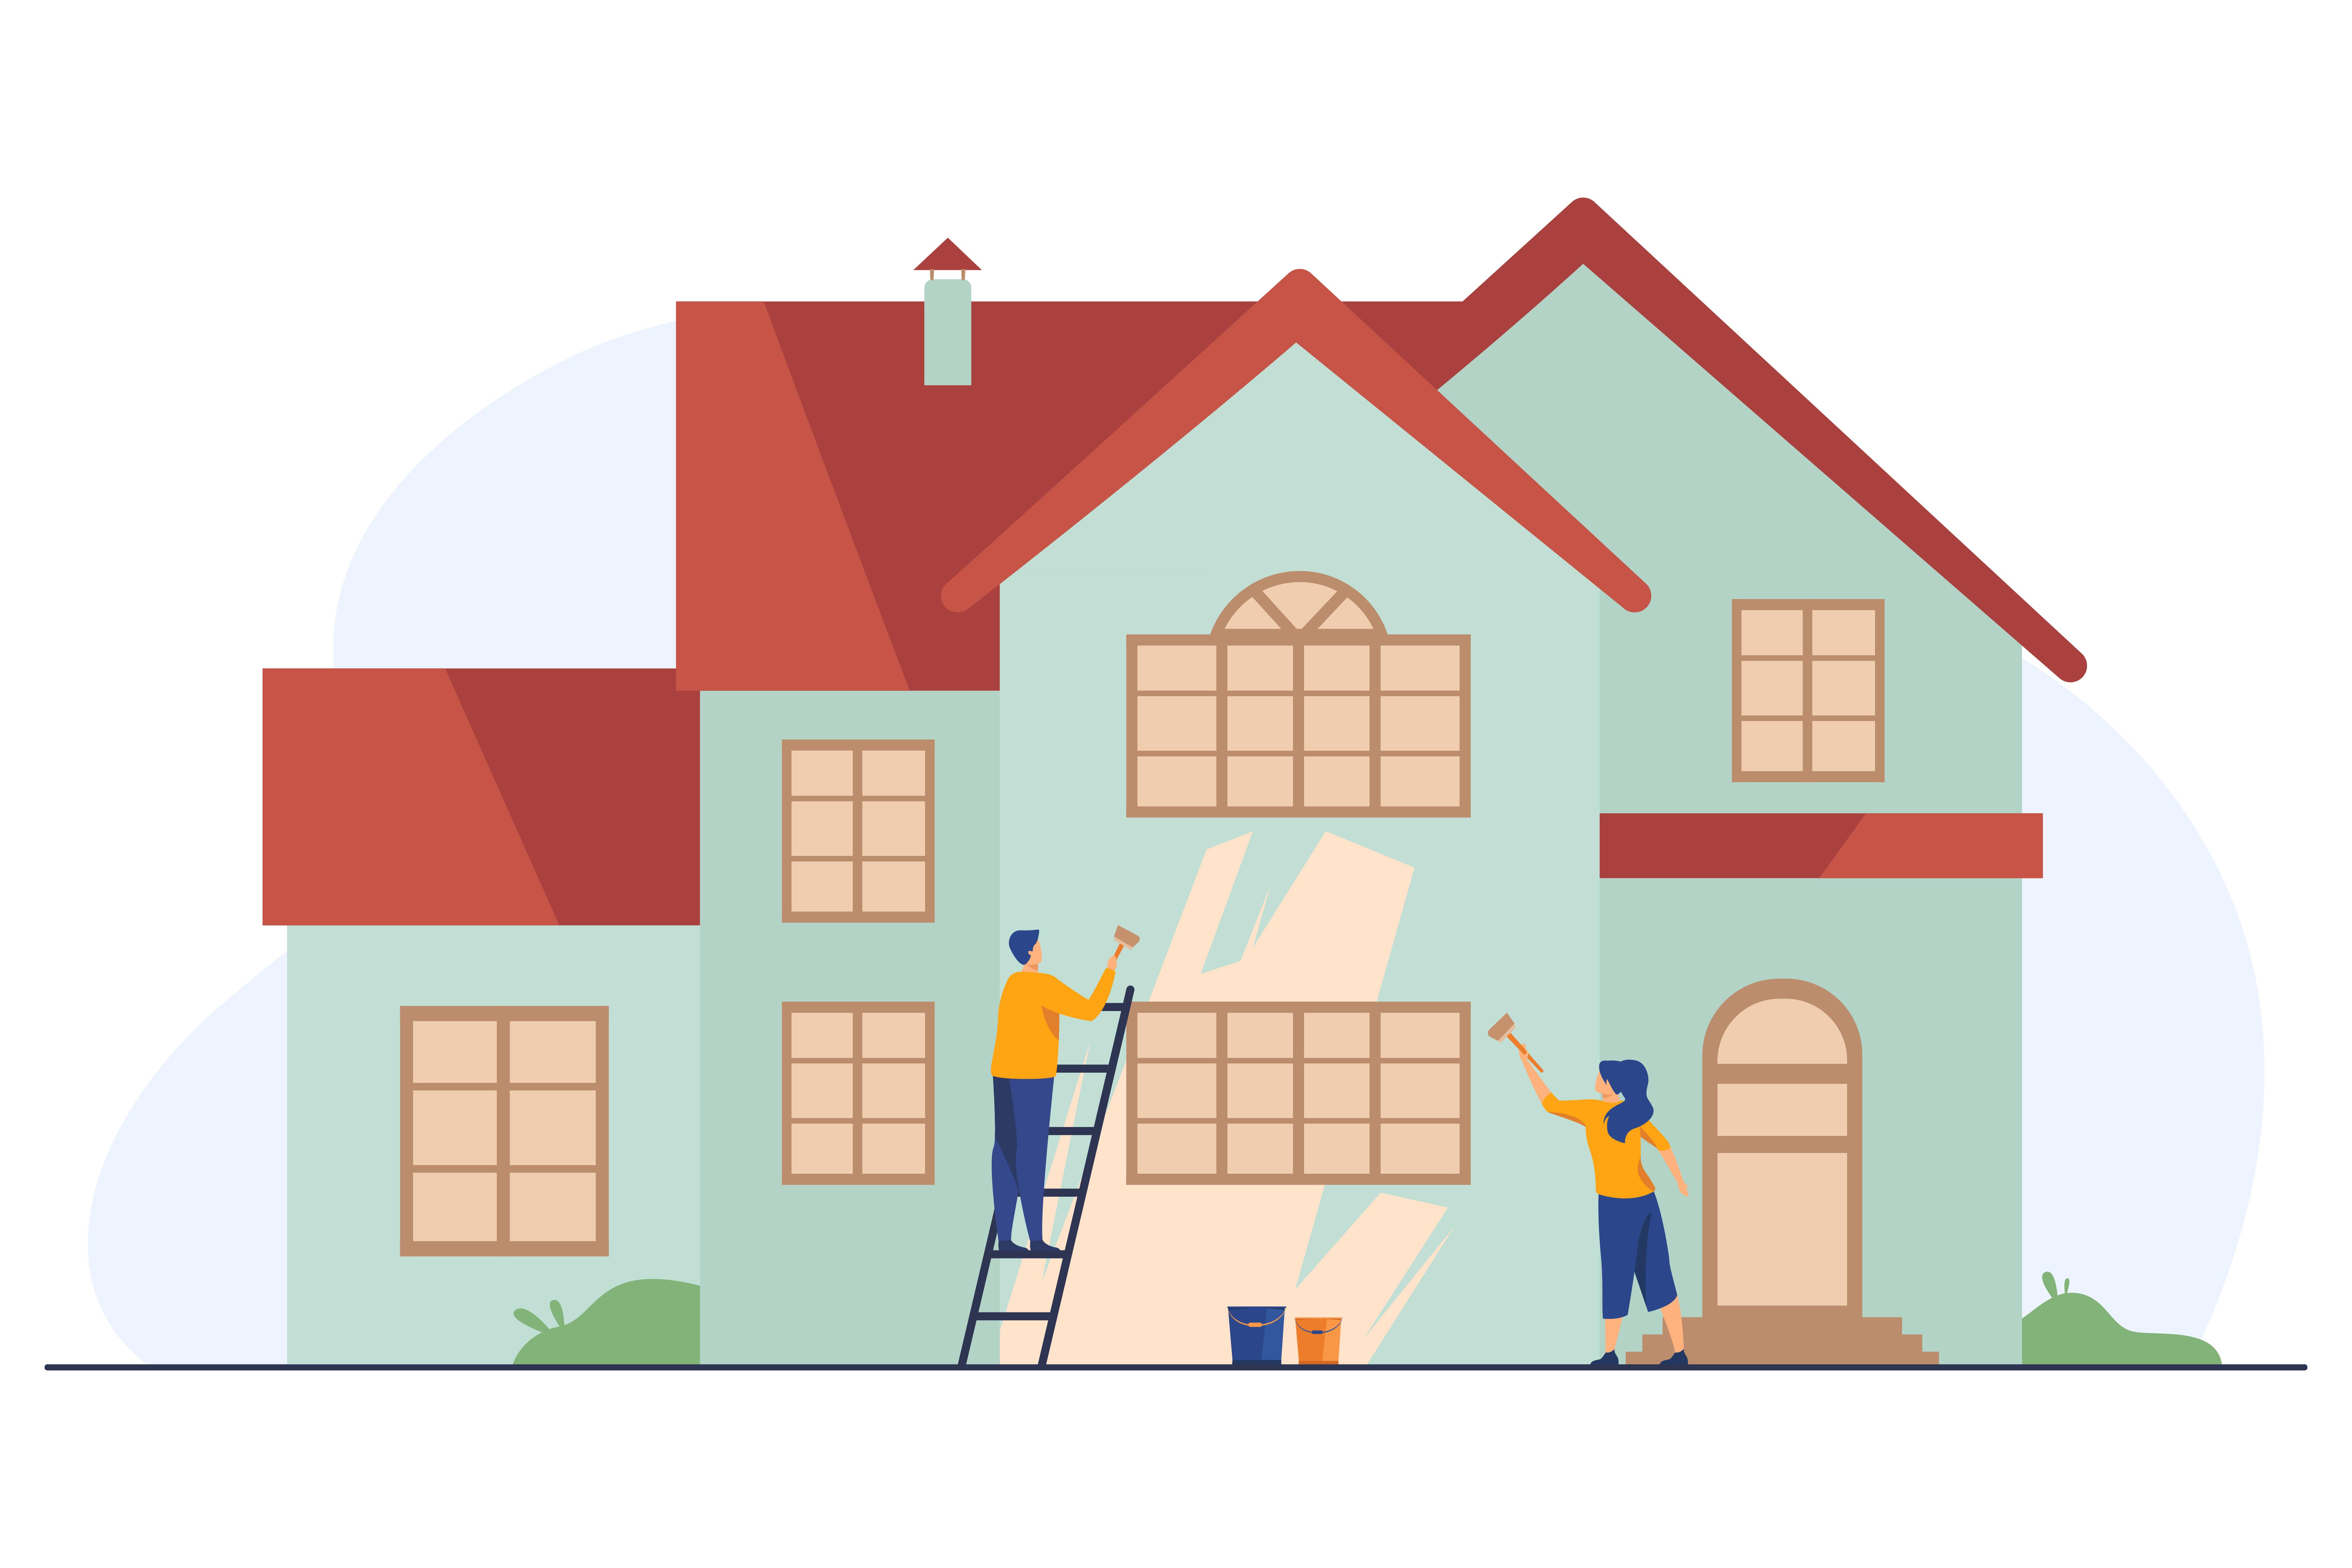 Mennyibe kerül, ha lefestenéd kívülről a házat?